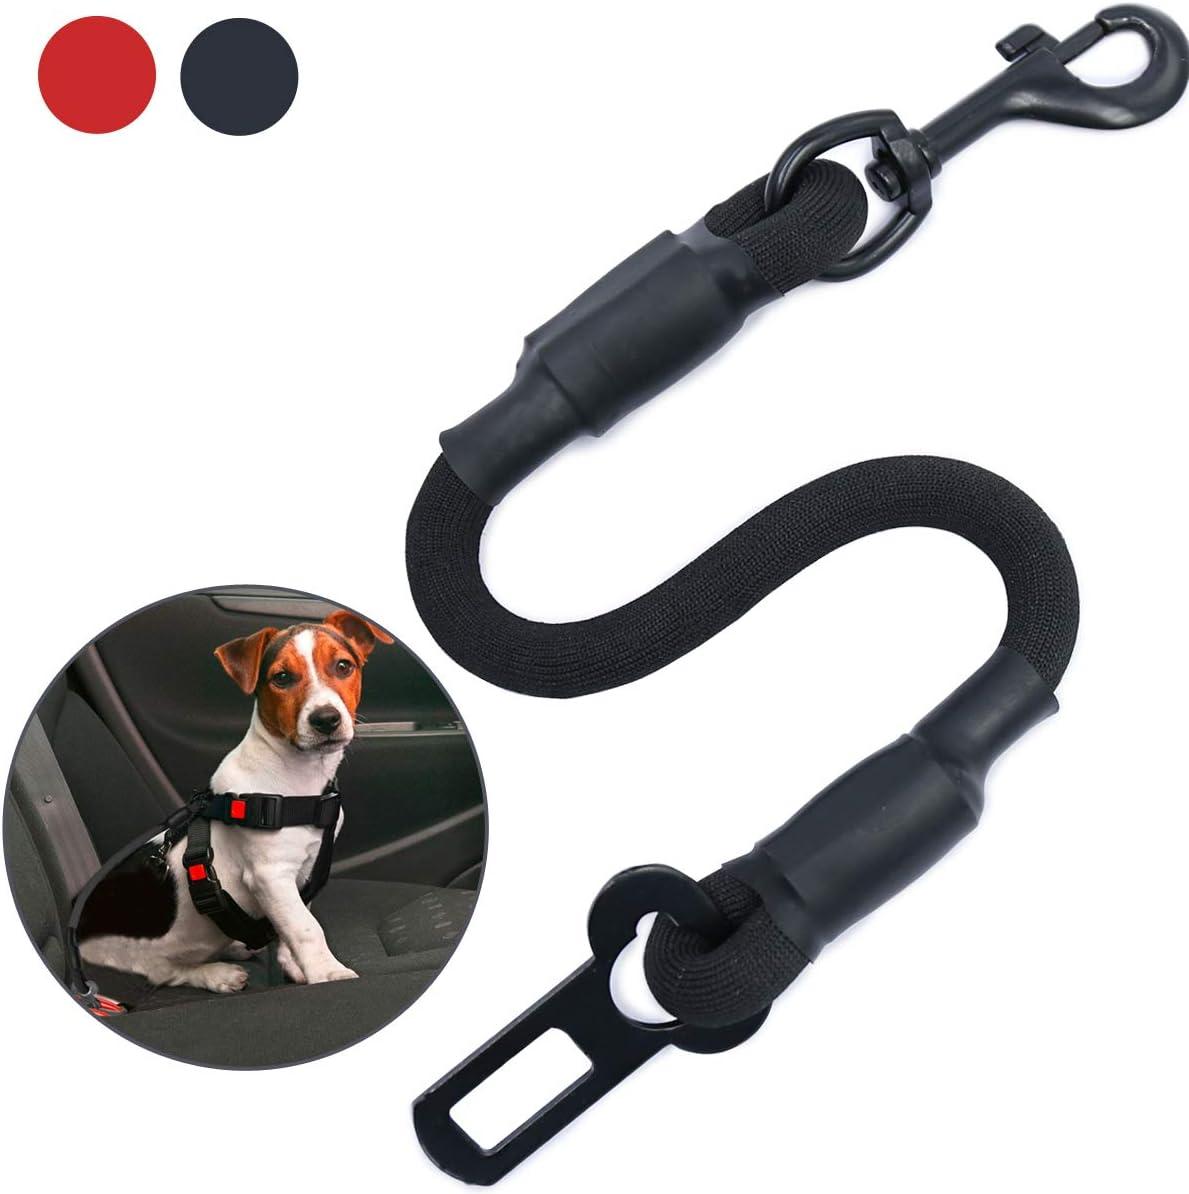 Hochbelastbare Elastischer Hundegurt mit Clip//Haken f/ür Alle Hunder und Katzen Universal f/ür Autos AMZNOVA Hunde Sicherheitsgurt